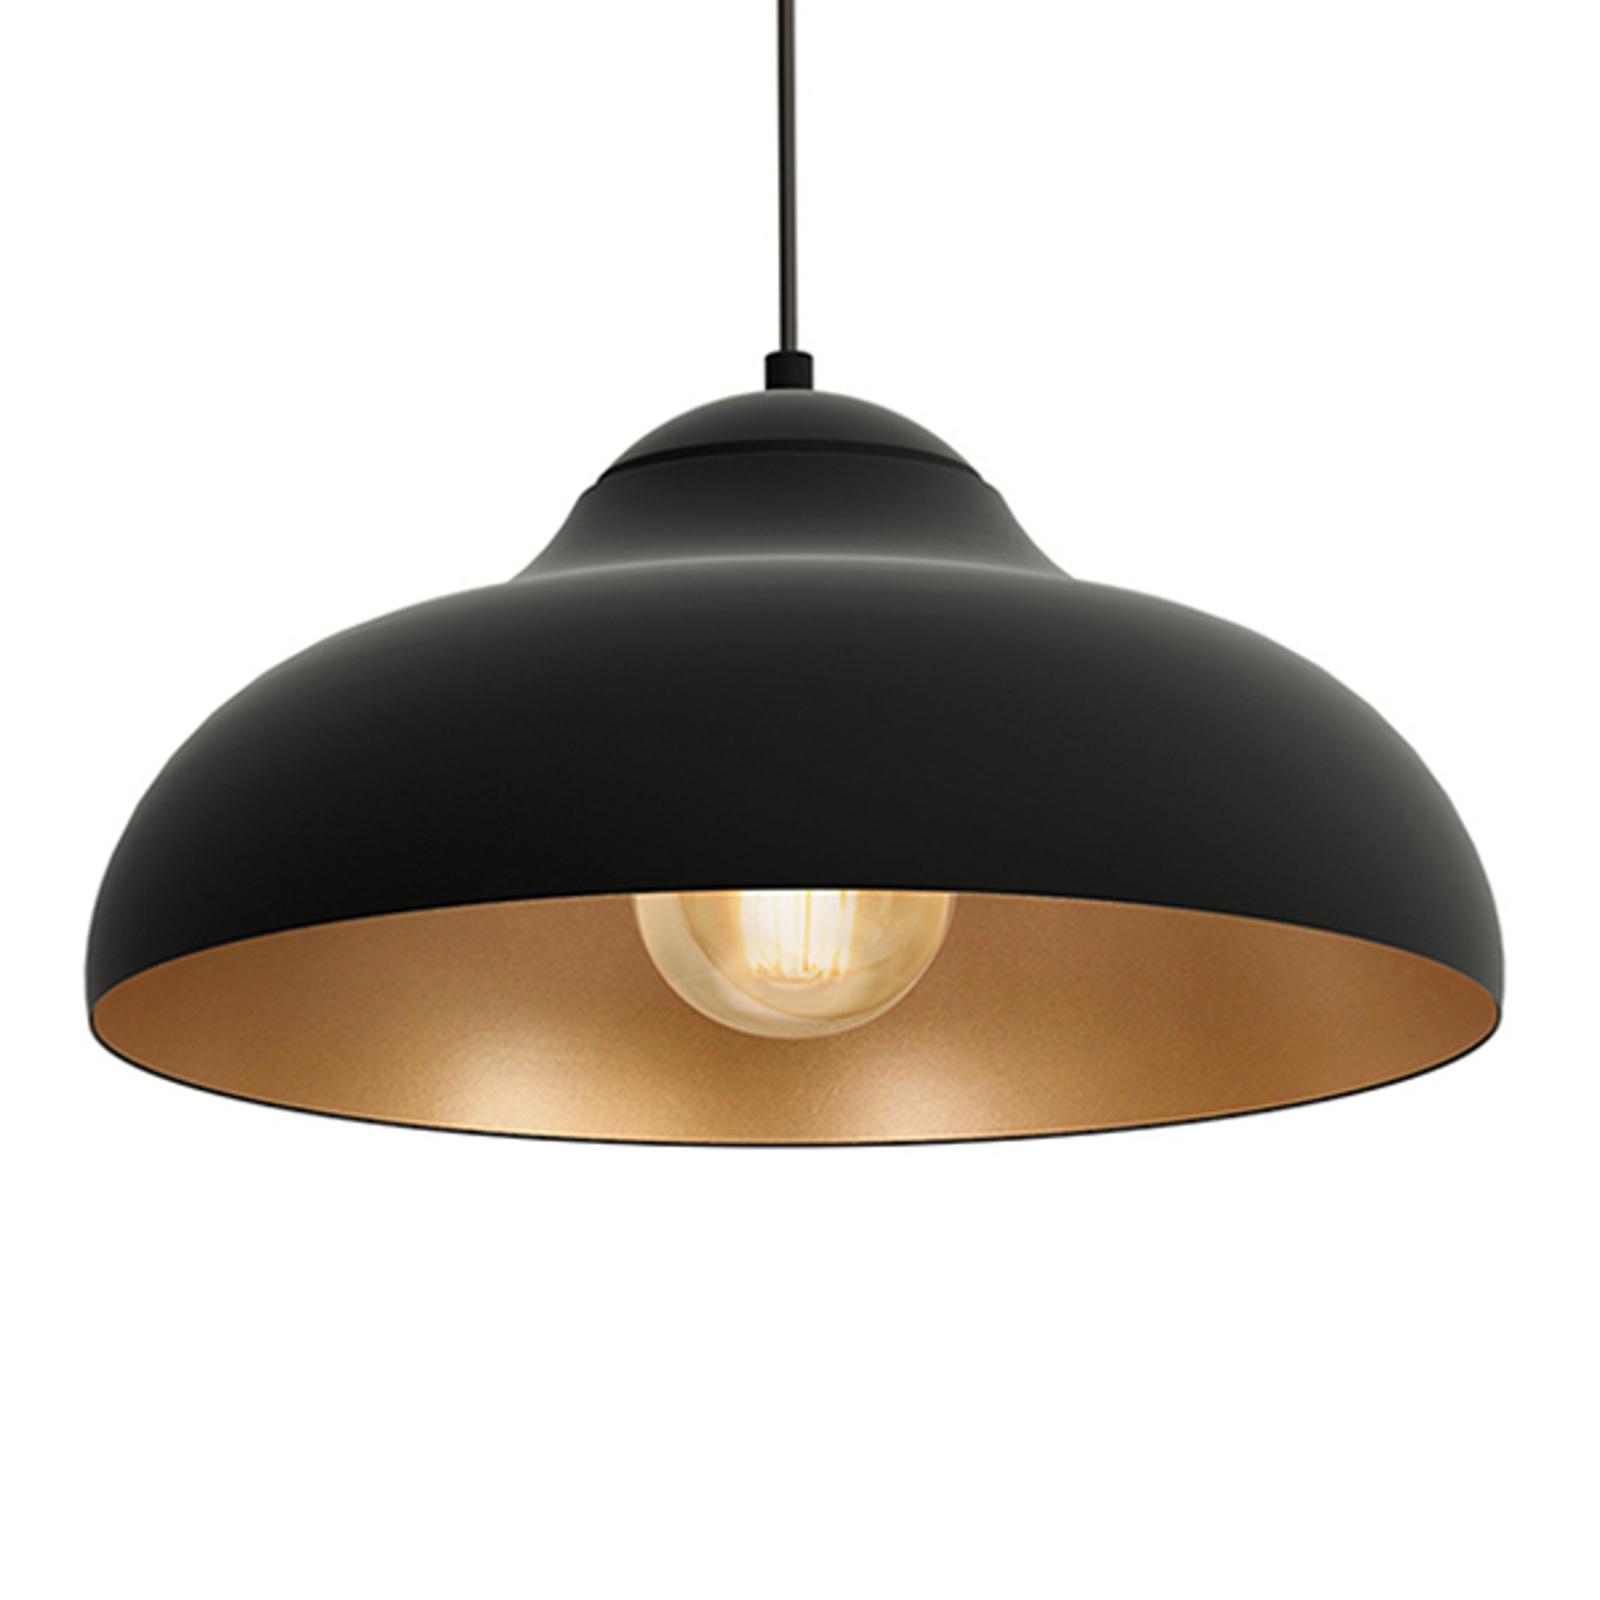 Image of: Basca Hanging Light Black Outside Copper Inside Lights Co Uk